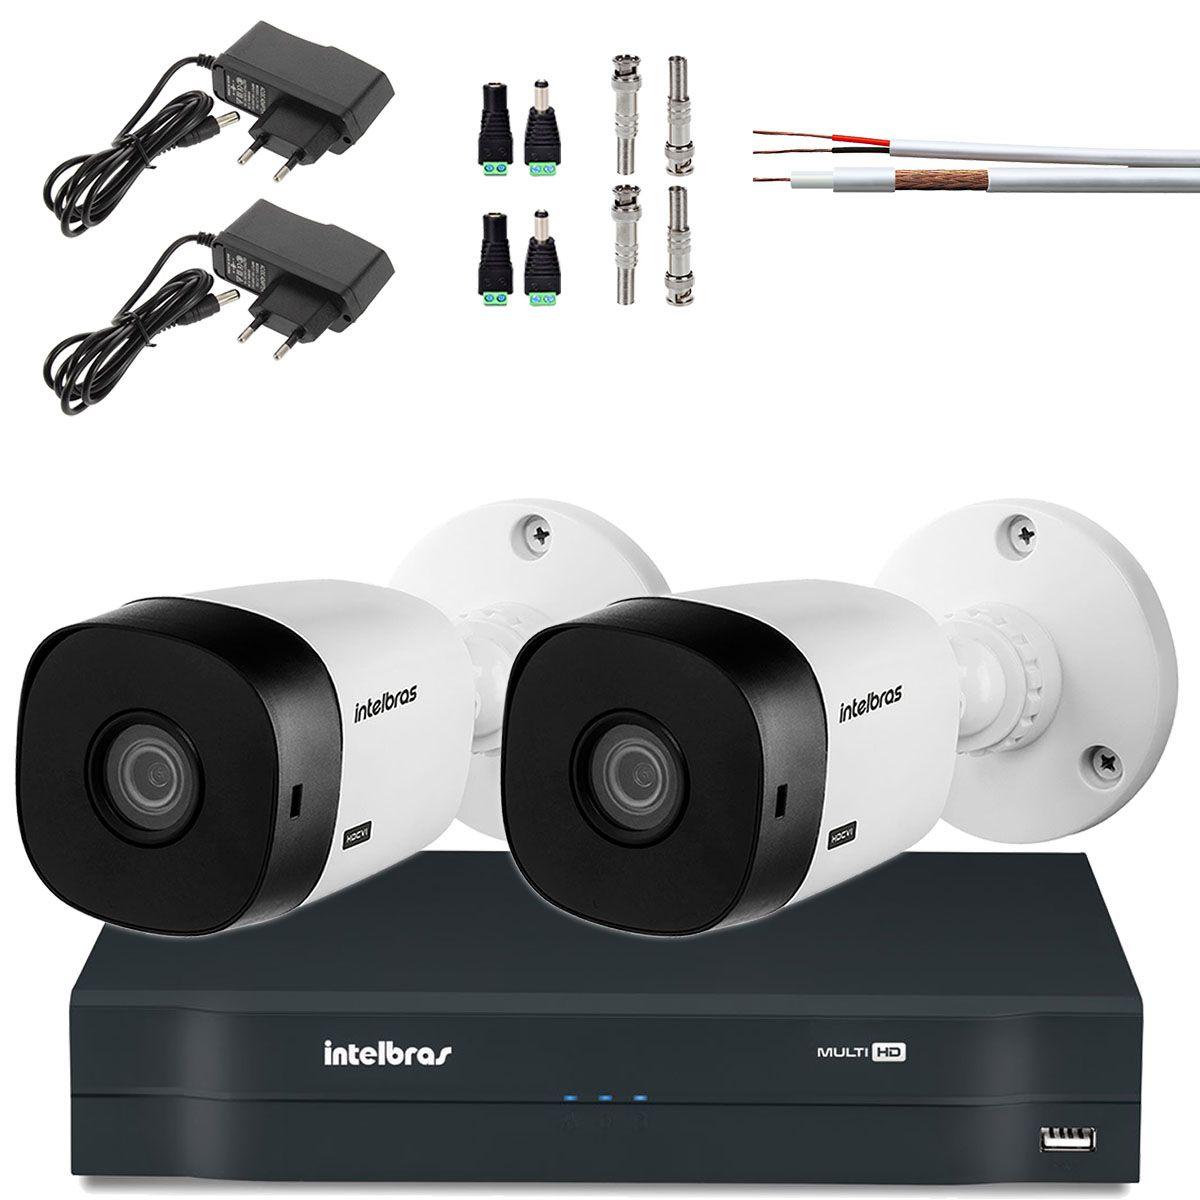 Kit 2 Cameras Bullet Intelbras Hd 720p Hdcvi Vhl 1120 B